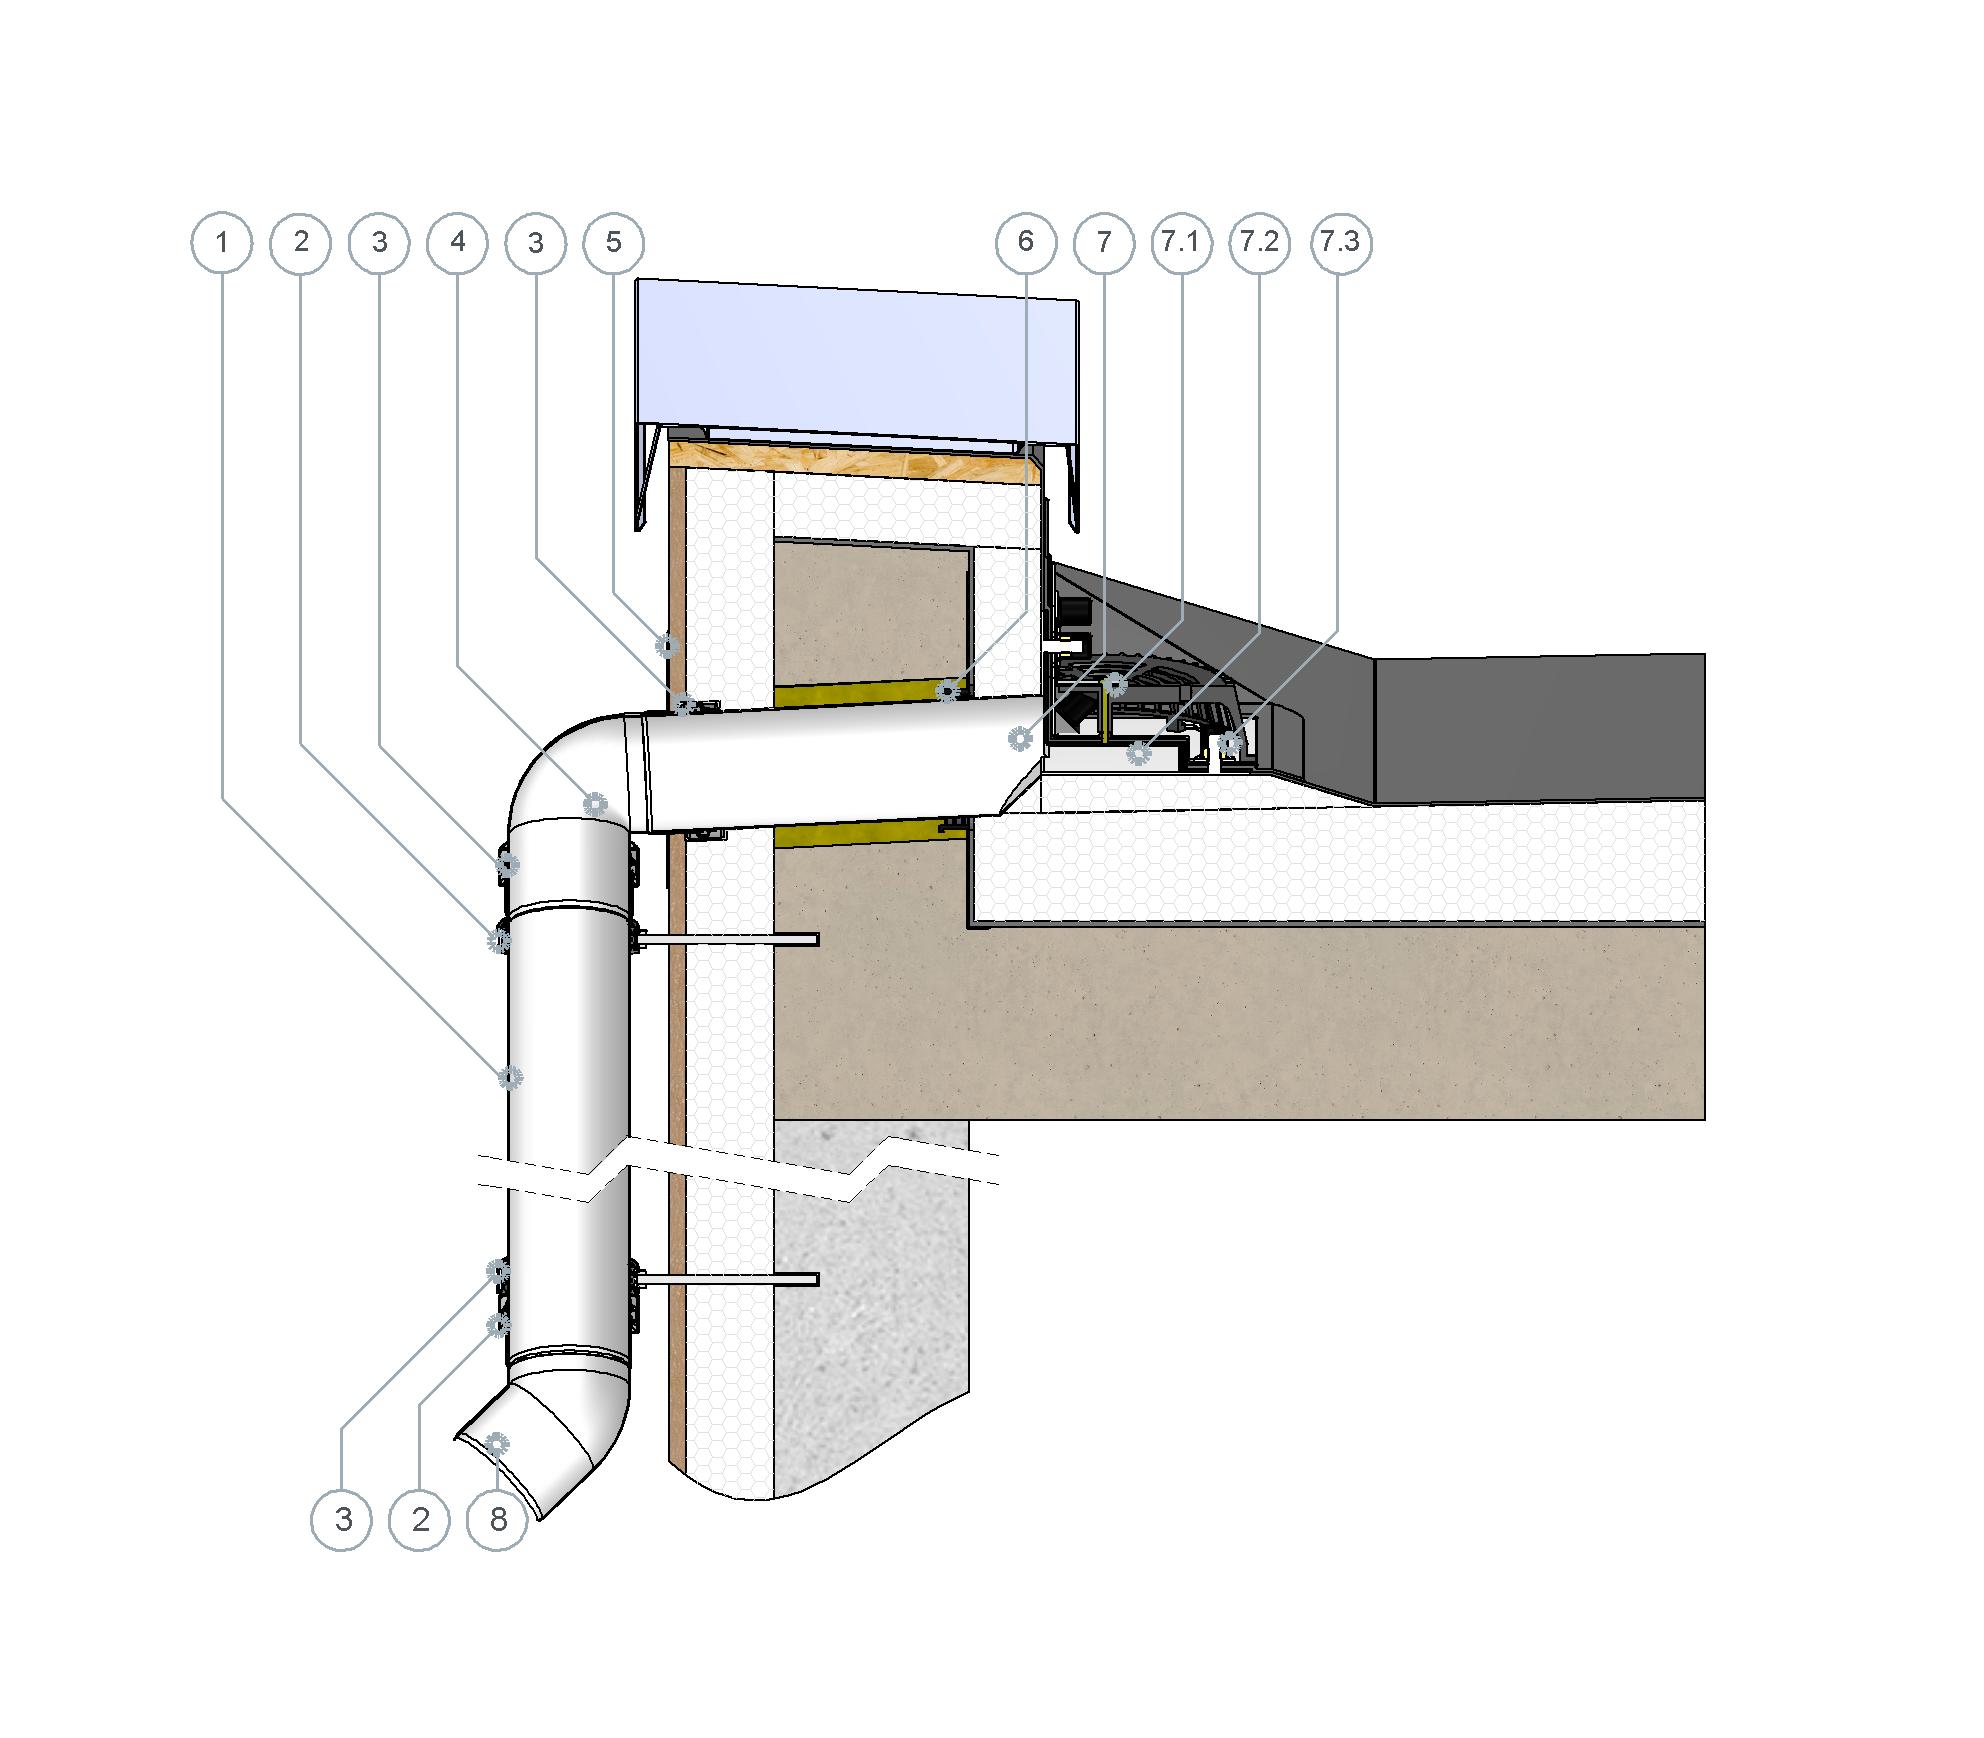 SitaRondo erhöht eingebaut mit Fallleitung im nicht belüfteten Dachaufbau